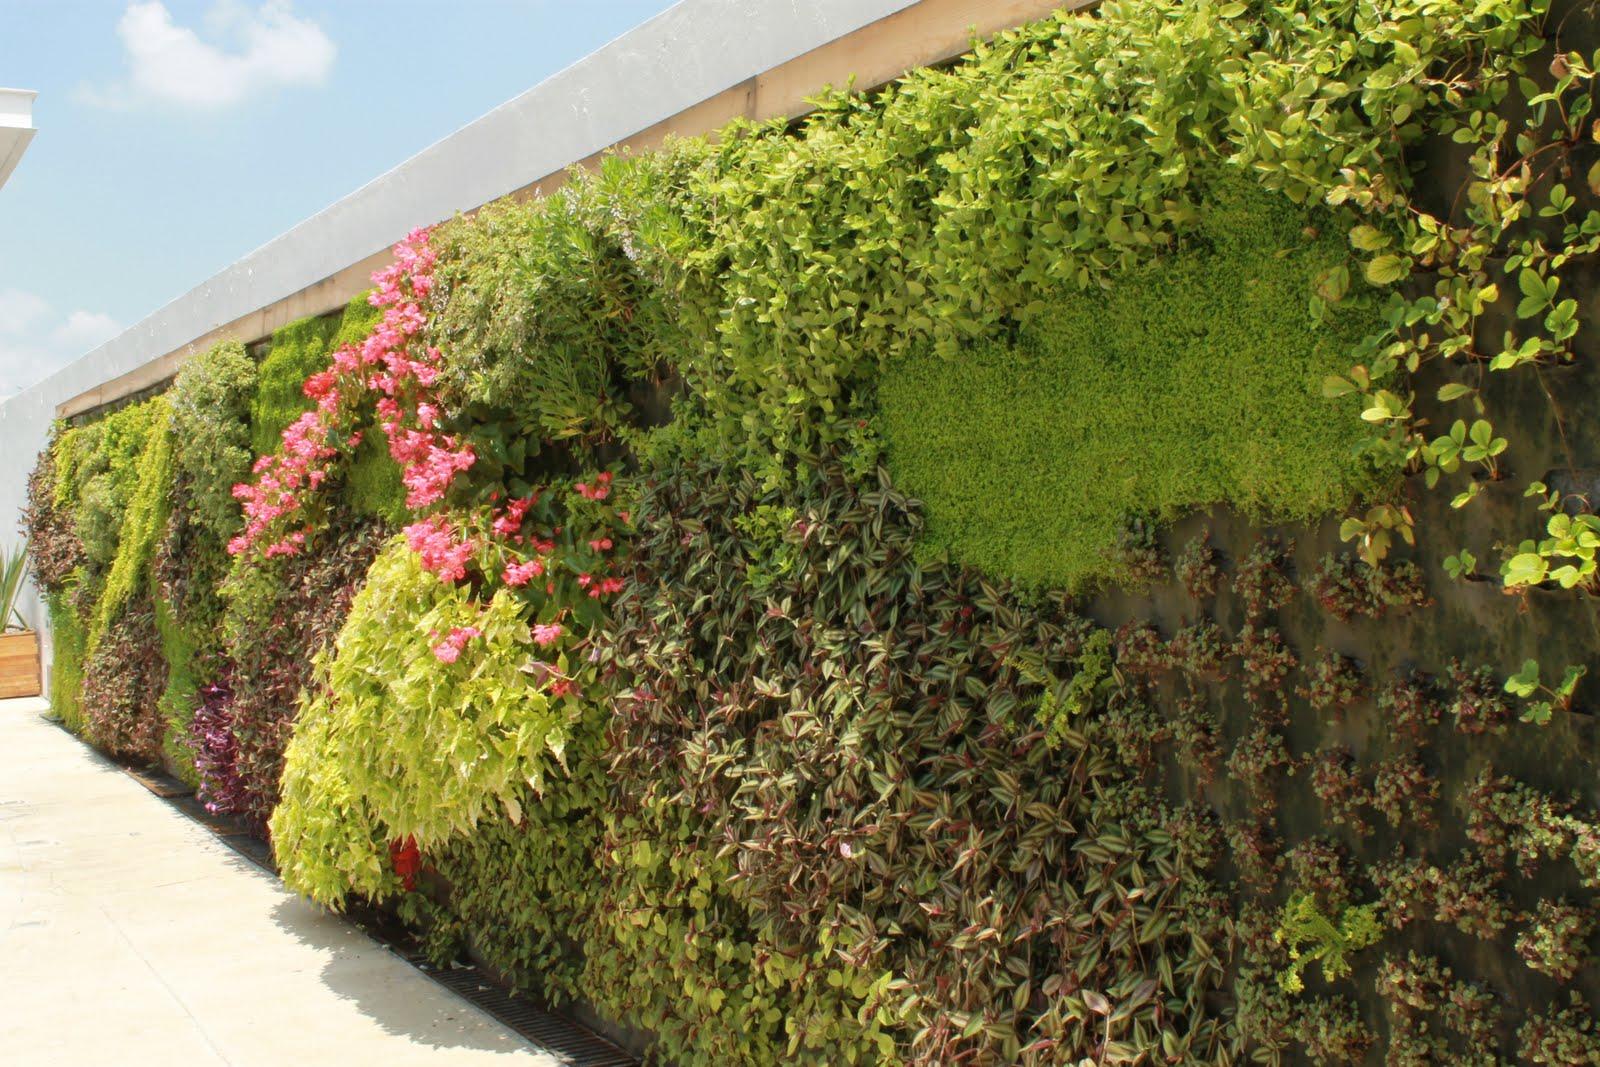 Jardines verticales yves muro verde en andares for Verde vertical jardines verticales